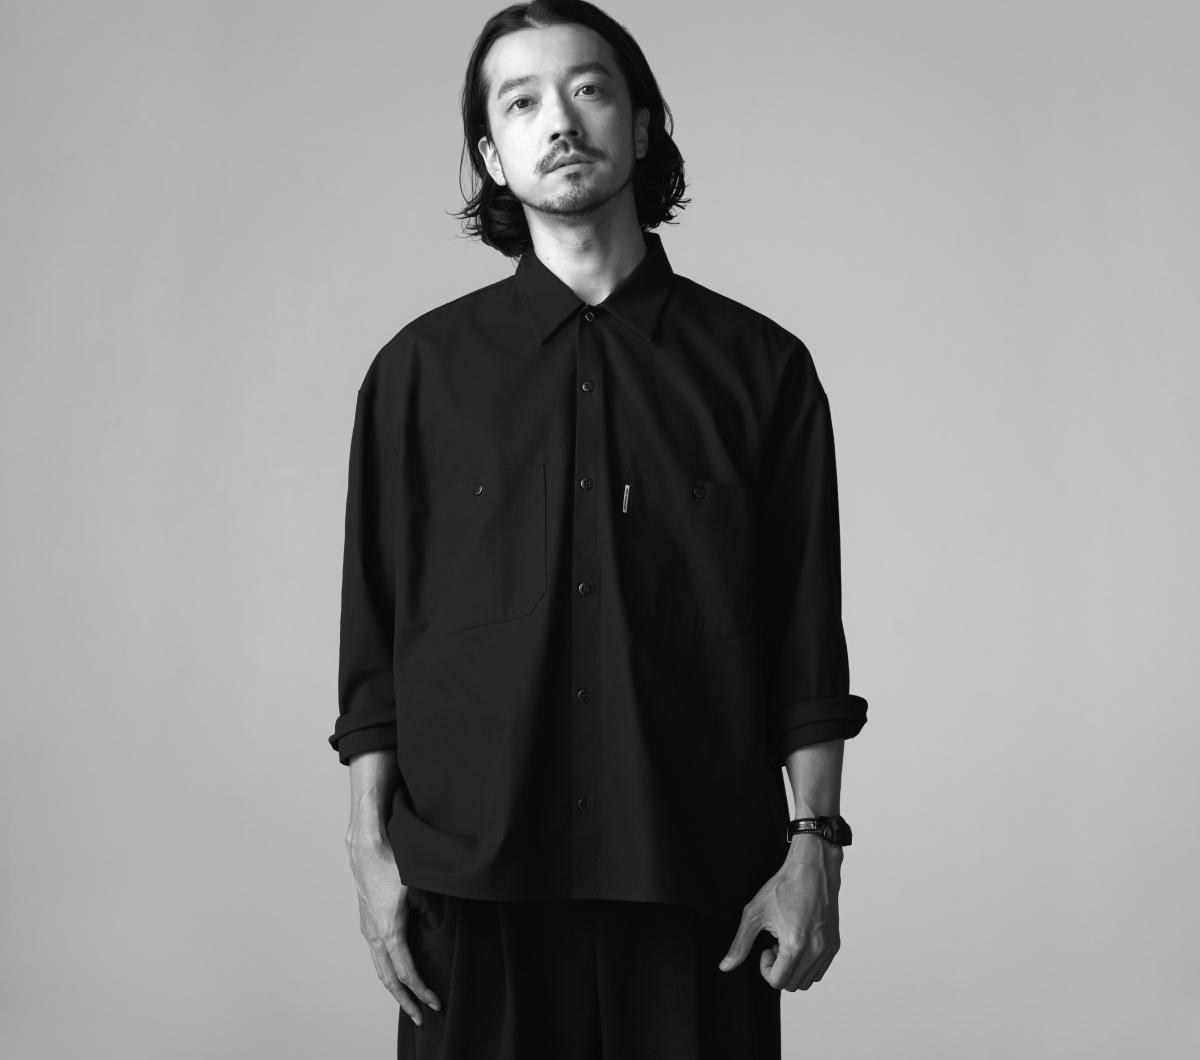 現代的なスタイルを纏う、オールブラックの「ベンチュラ」